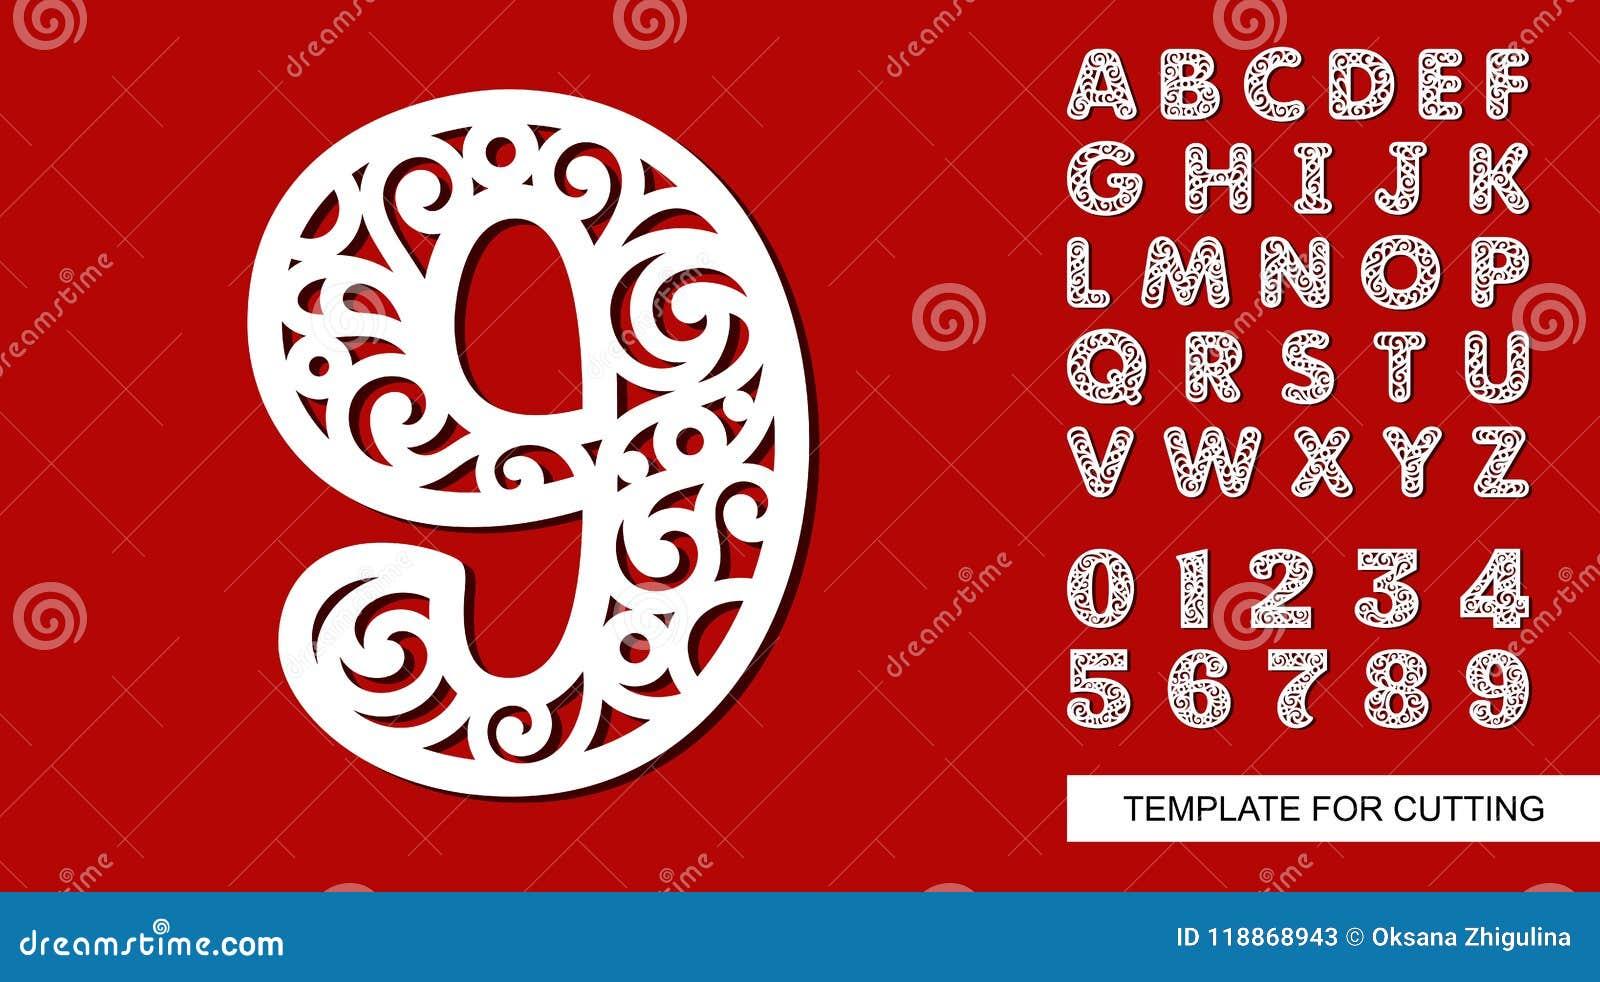 Número Nove - 9 Alfabeto Inglês E Dígitos Completos 0, 1, 2, 3, 4, 5, 6, 7,  8, 9 Ilustração Stock - Ilustração de numeral, laço: 118868943